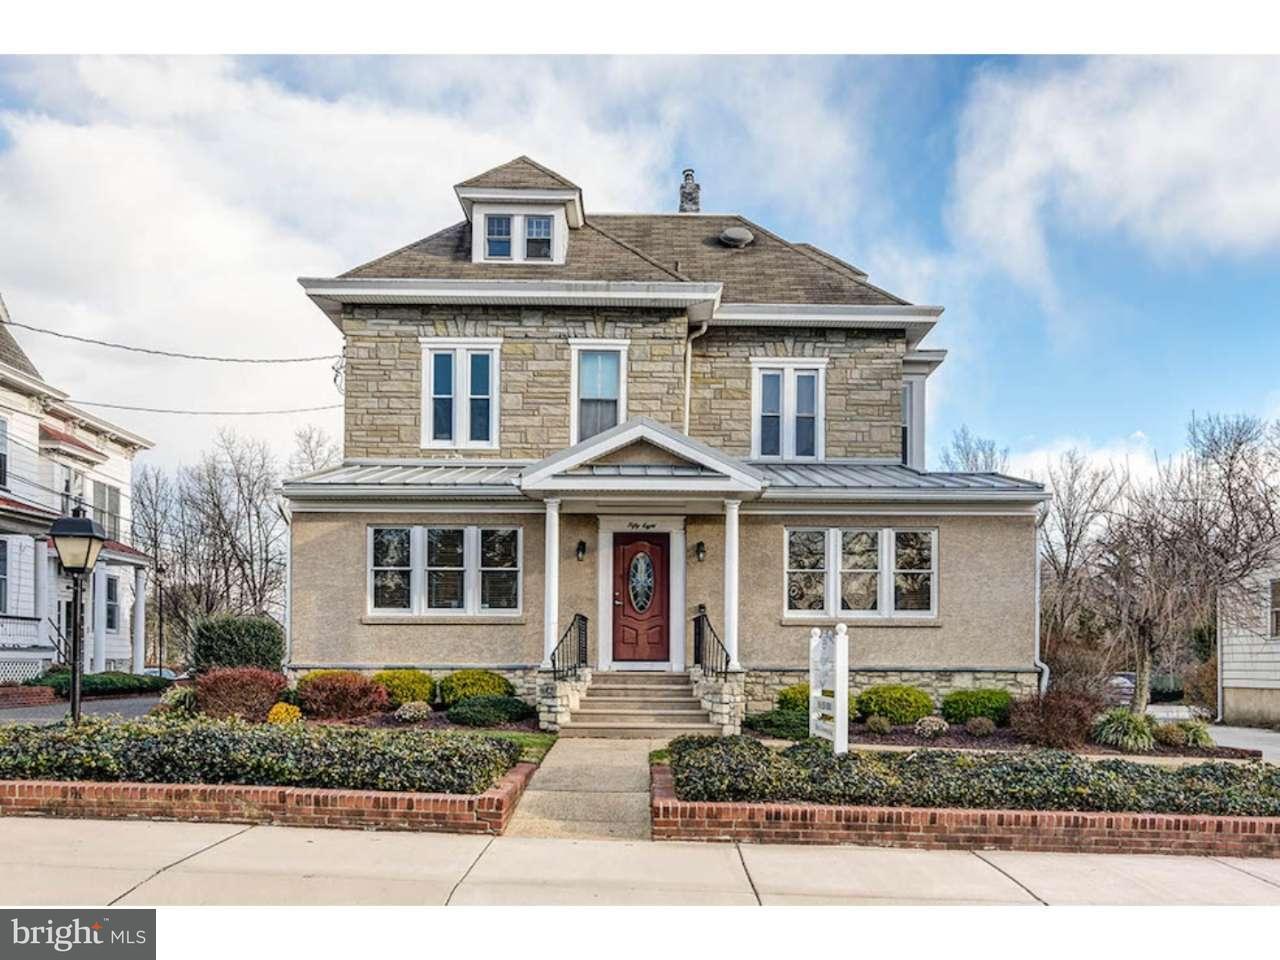 独户住宅 为 销售 在 58 EUCLID Street Woodbury, 新泽西州 08096 美国